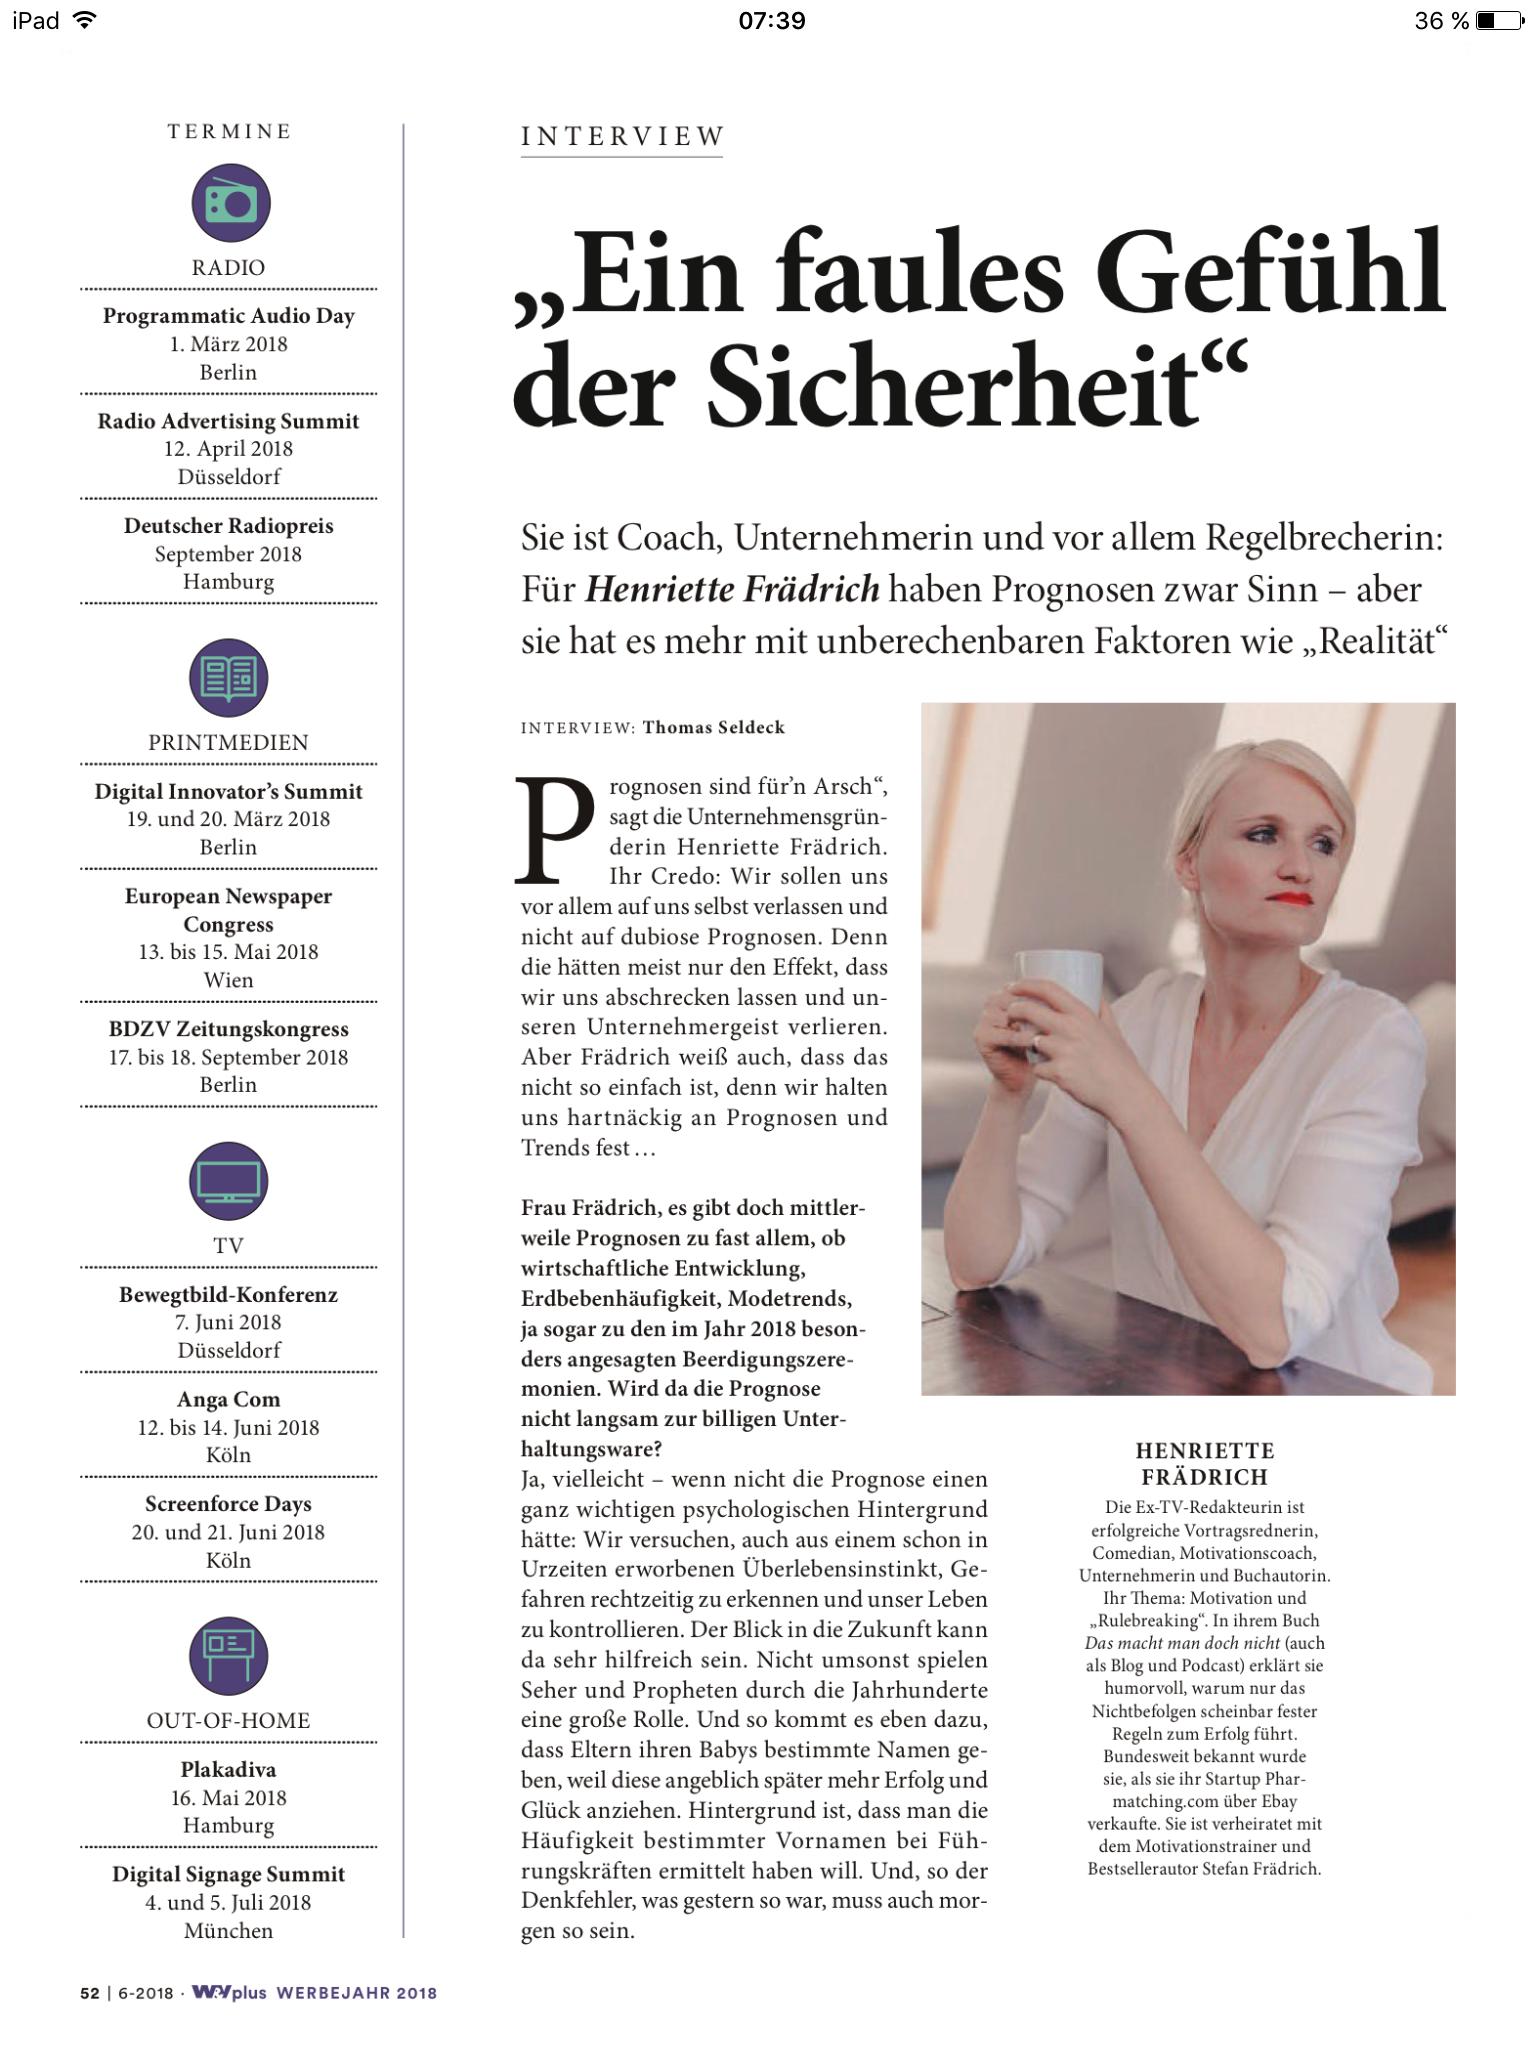 Henriette Frädrich Interview W&V